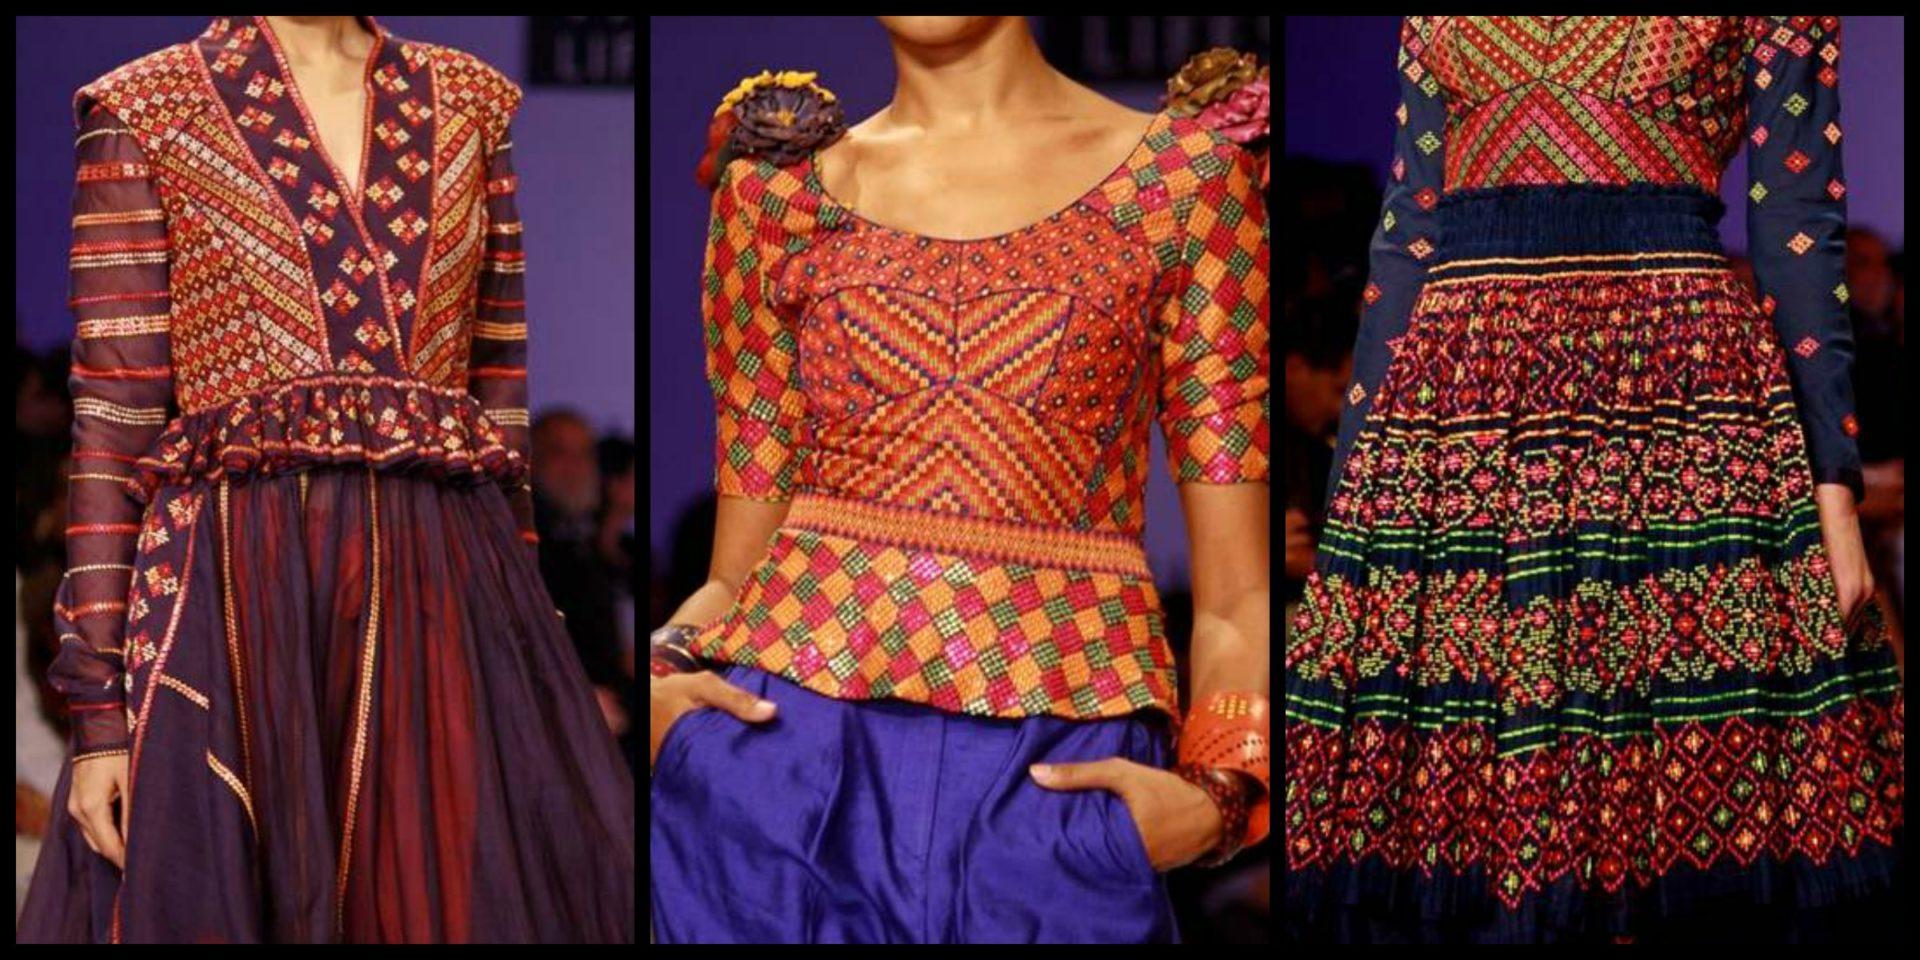 Etiquetas bordadas te ensinam a cuidar da sua roupa de algodão | Sansil Etiquetas Bordadas